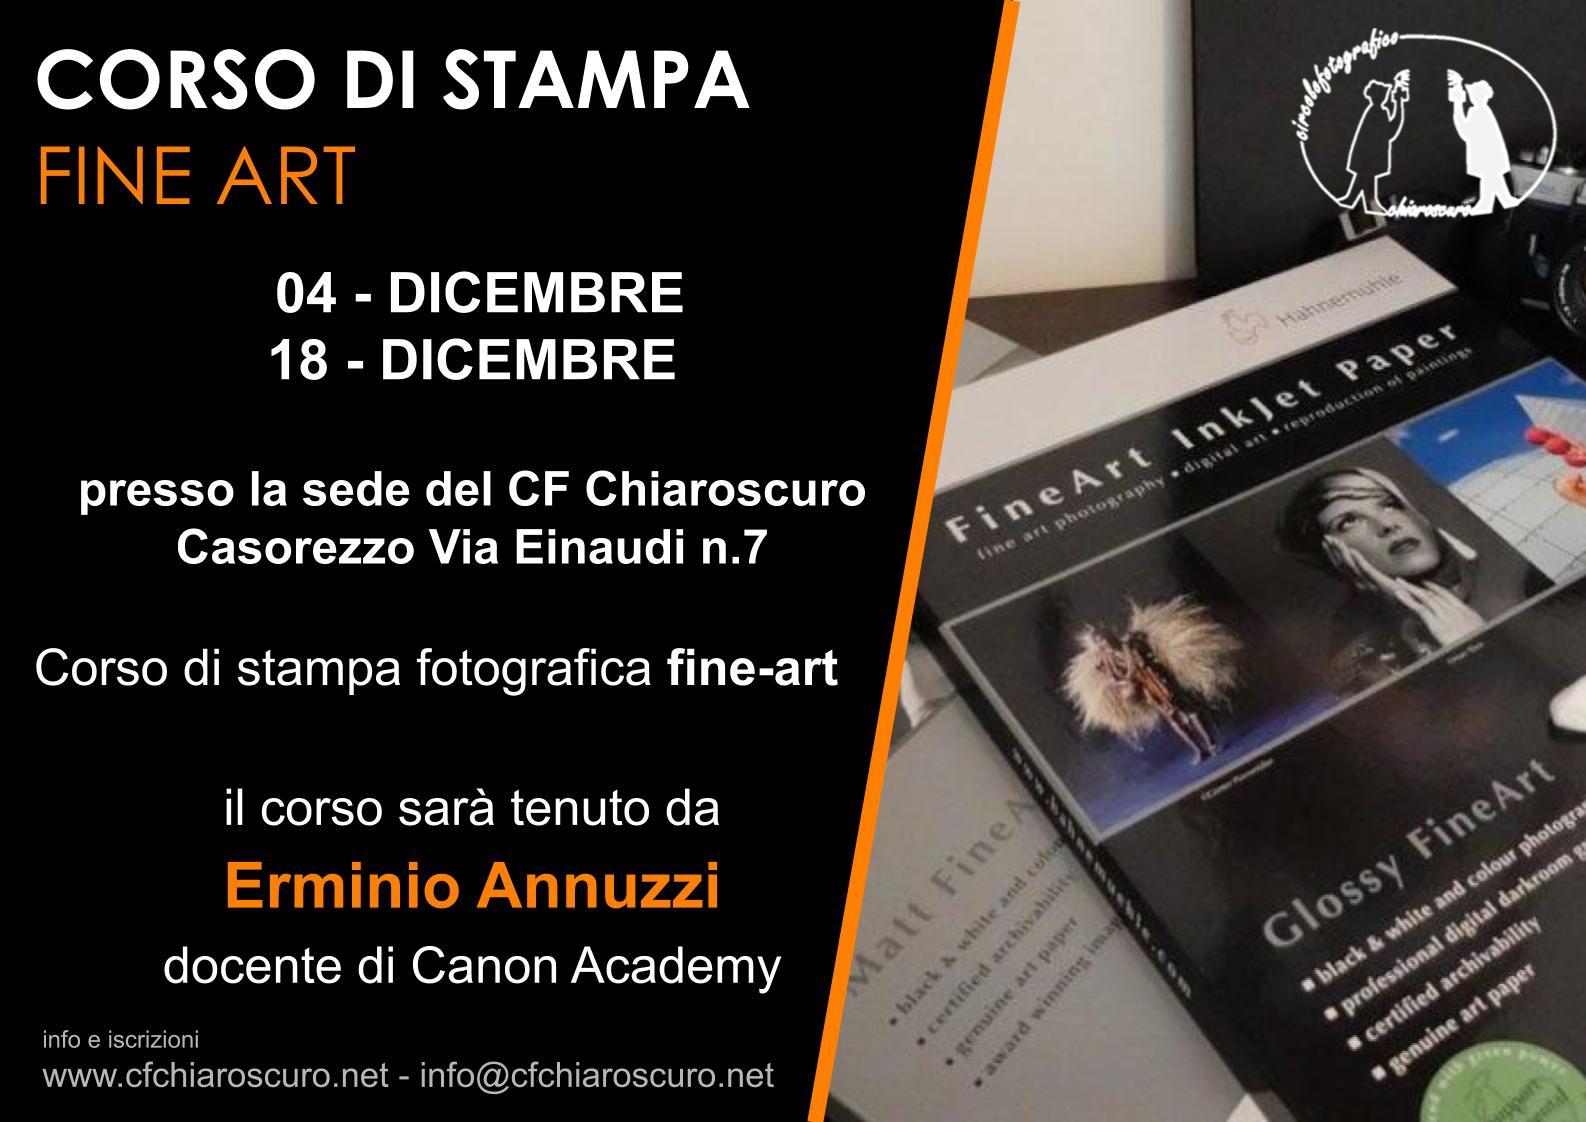 CORSO DI STAMPA FINE-ART